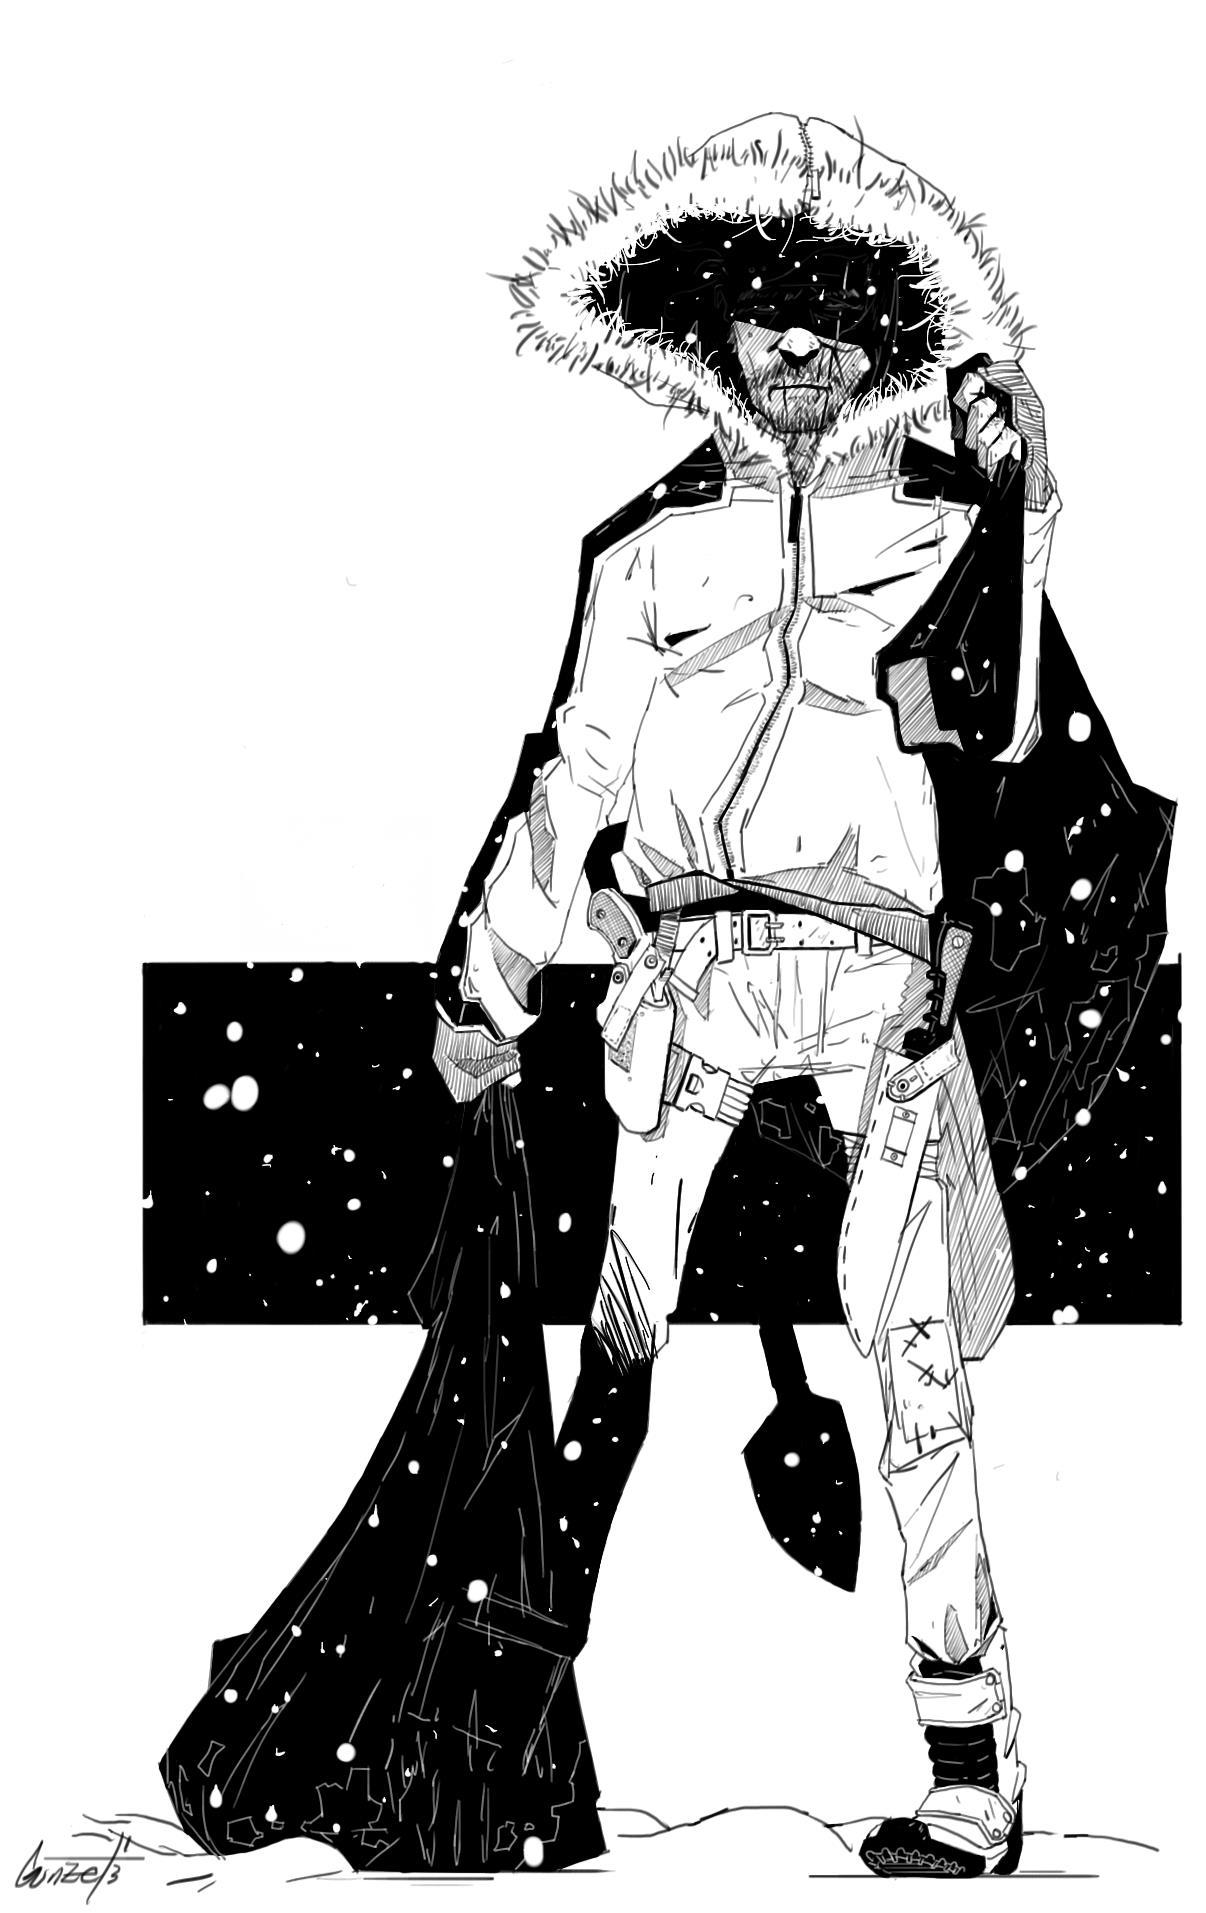 December_The Killer by gunzet